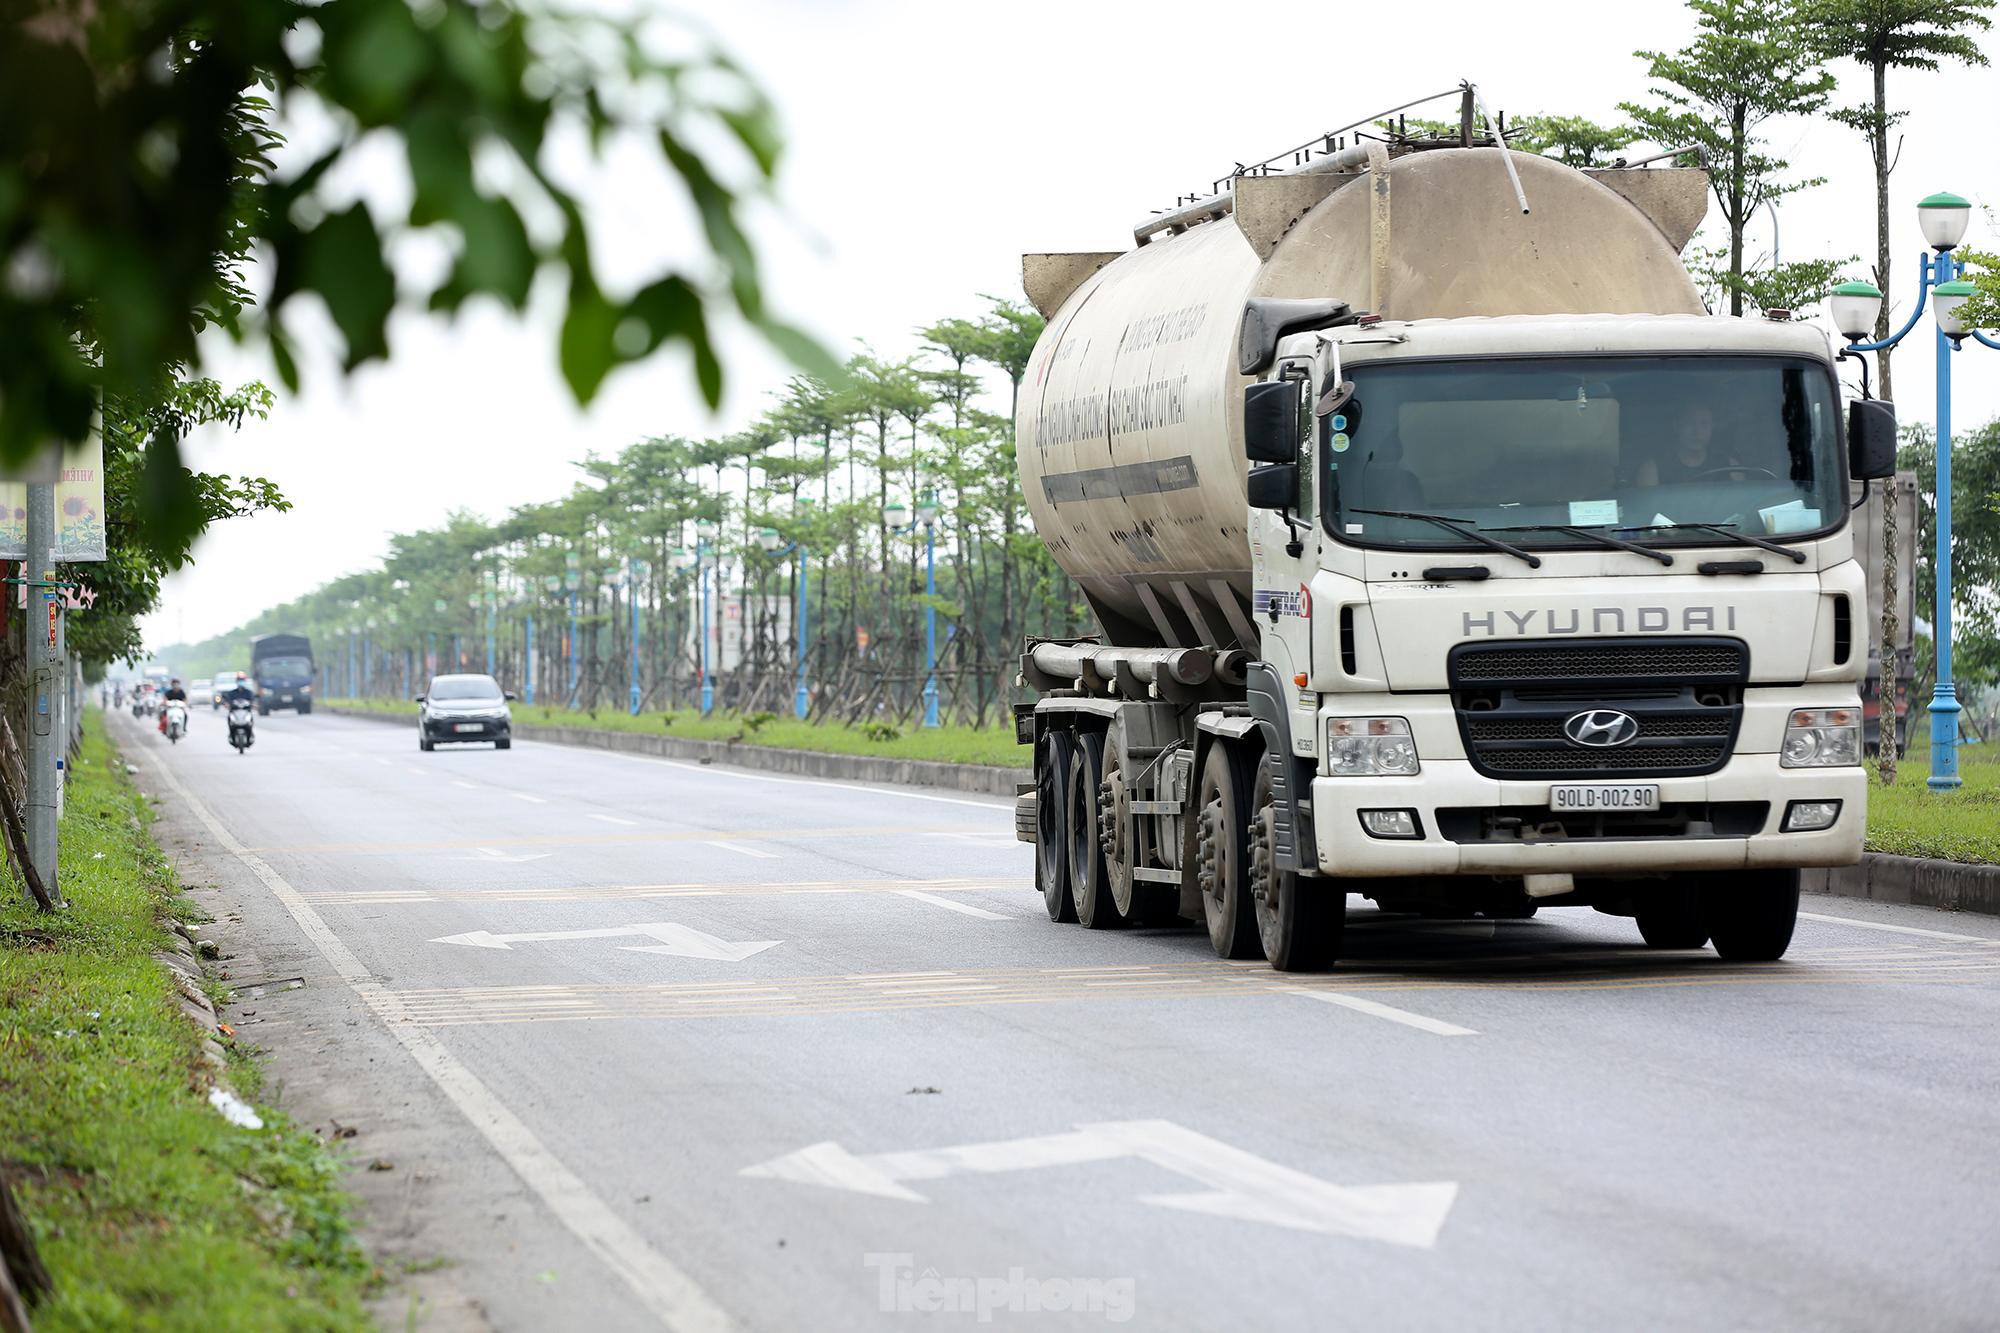 Tuyến đường 2.300 tỷ dài 15 km nối Hà Nội với Vĩnh Phúc hoạt động ra sao? - Ảnh 5.